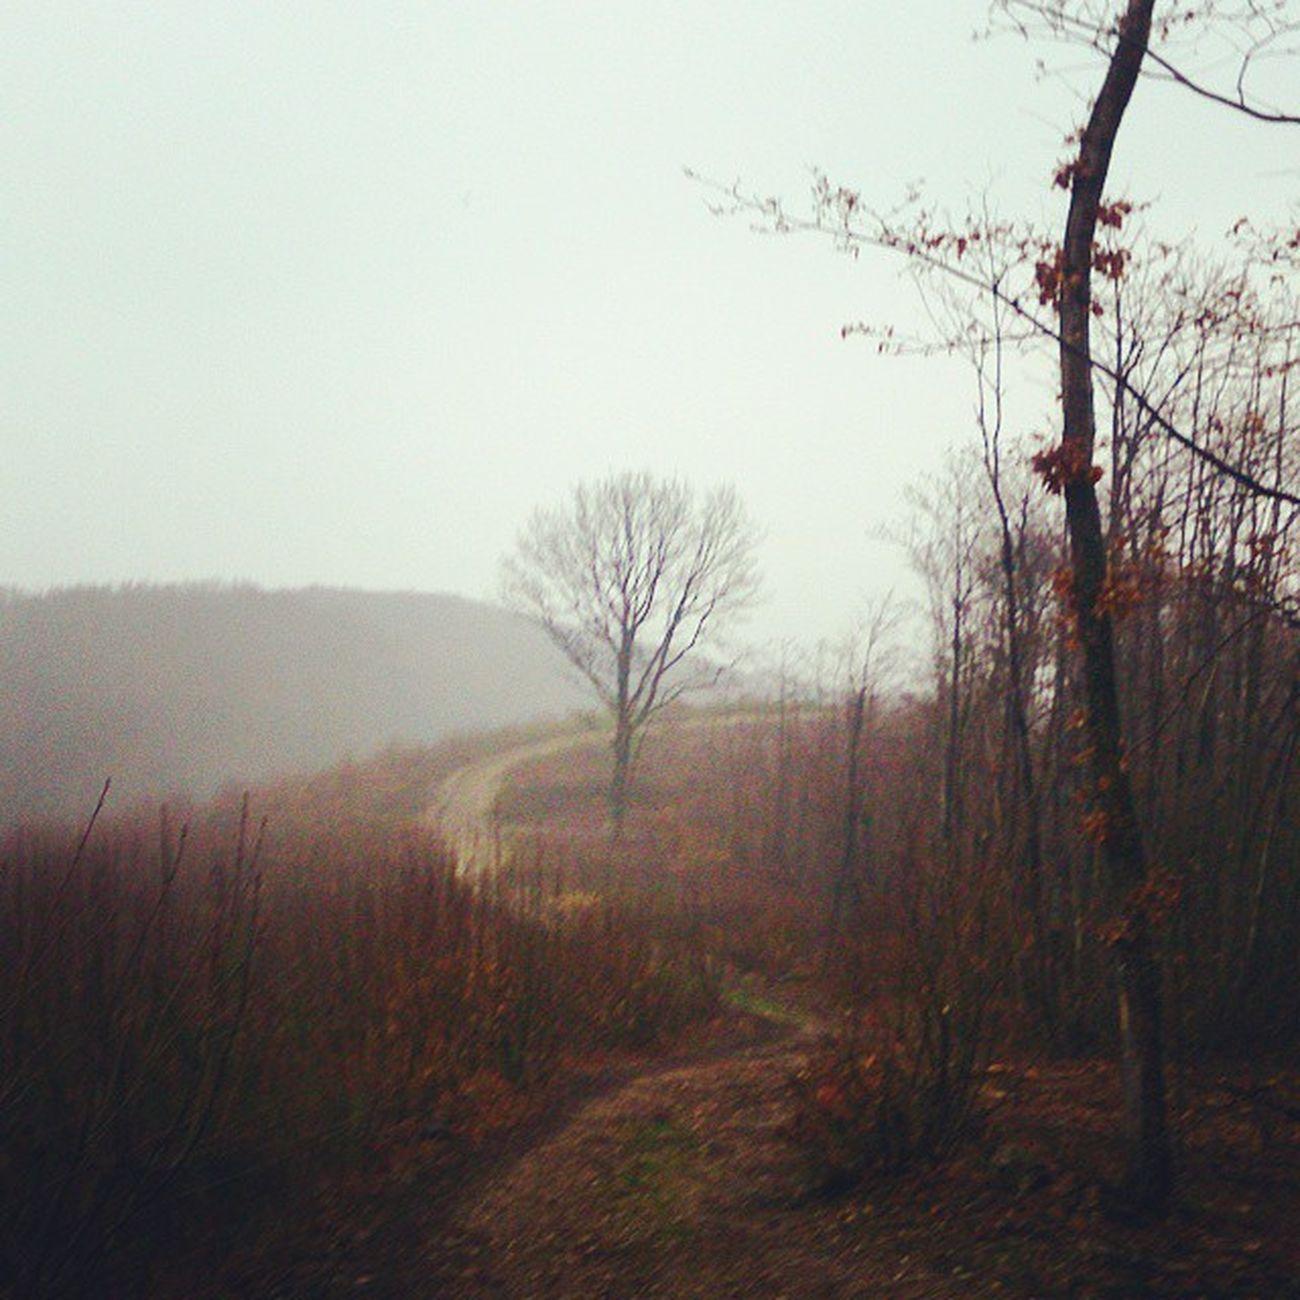 Stravacycling ou Stravarun , les mêmes Chemins s'empreintent de jour comme de nuit, sous la pluie ou au soleil, à la montée comme en descente Stravaphoto